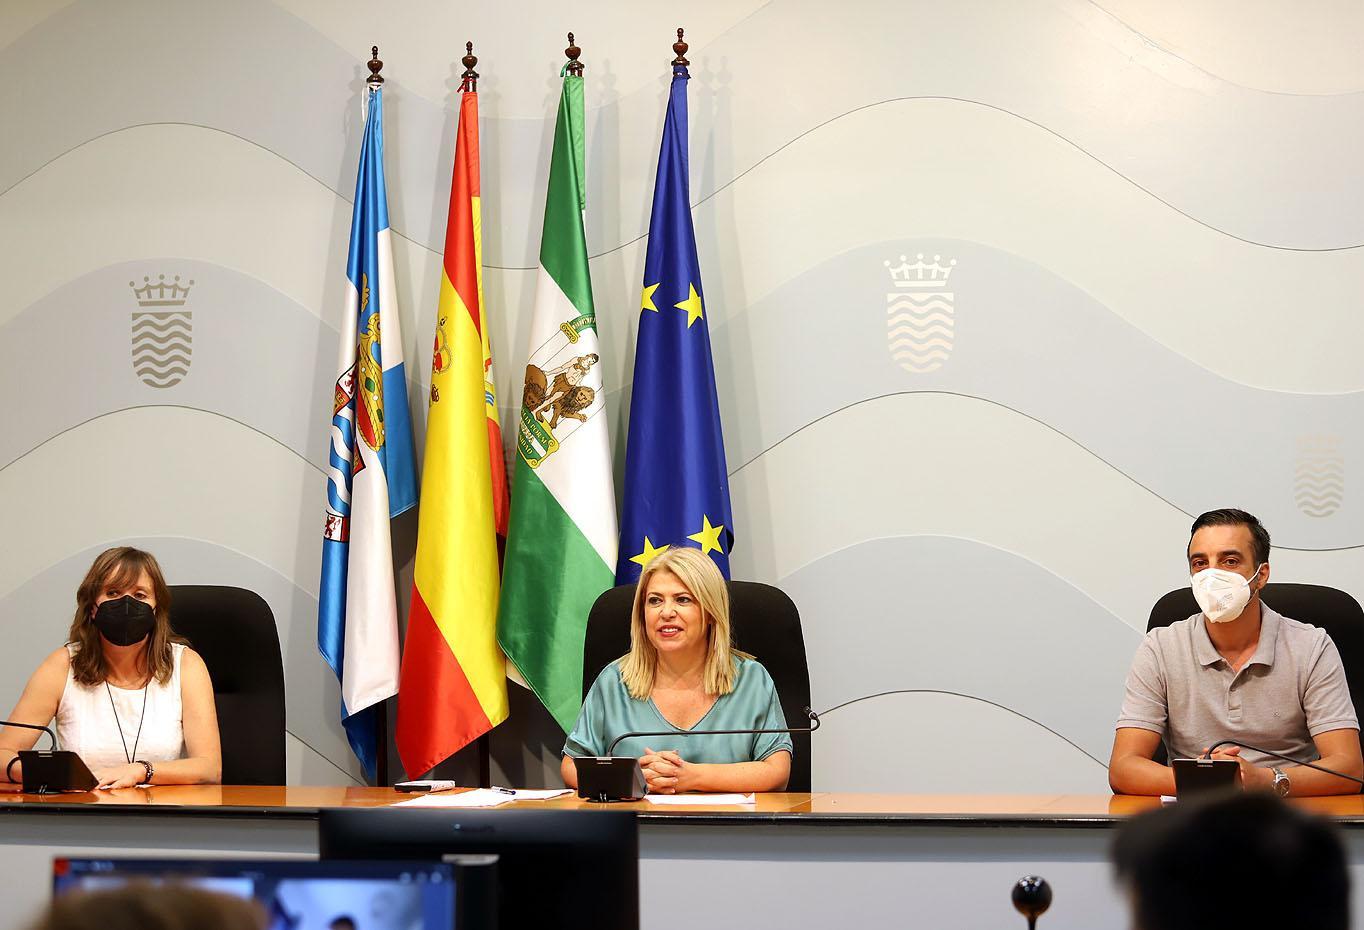 El Gobierno de Mamen Sánchez volvió a recurrir a empresas vinculadas en el contrato del Festival Cine Etnográfico